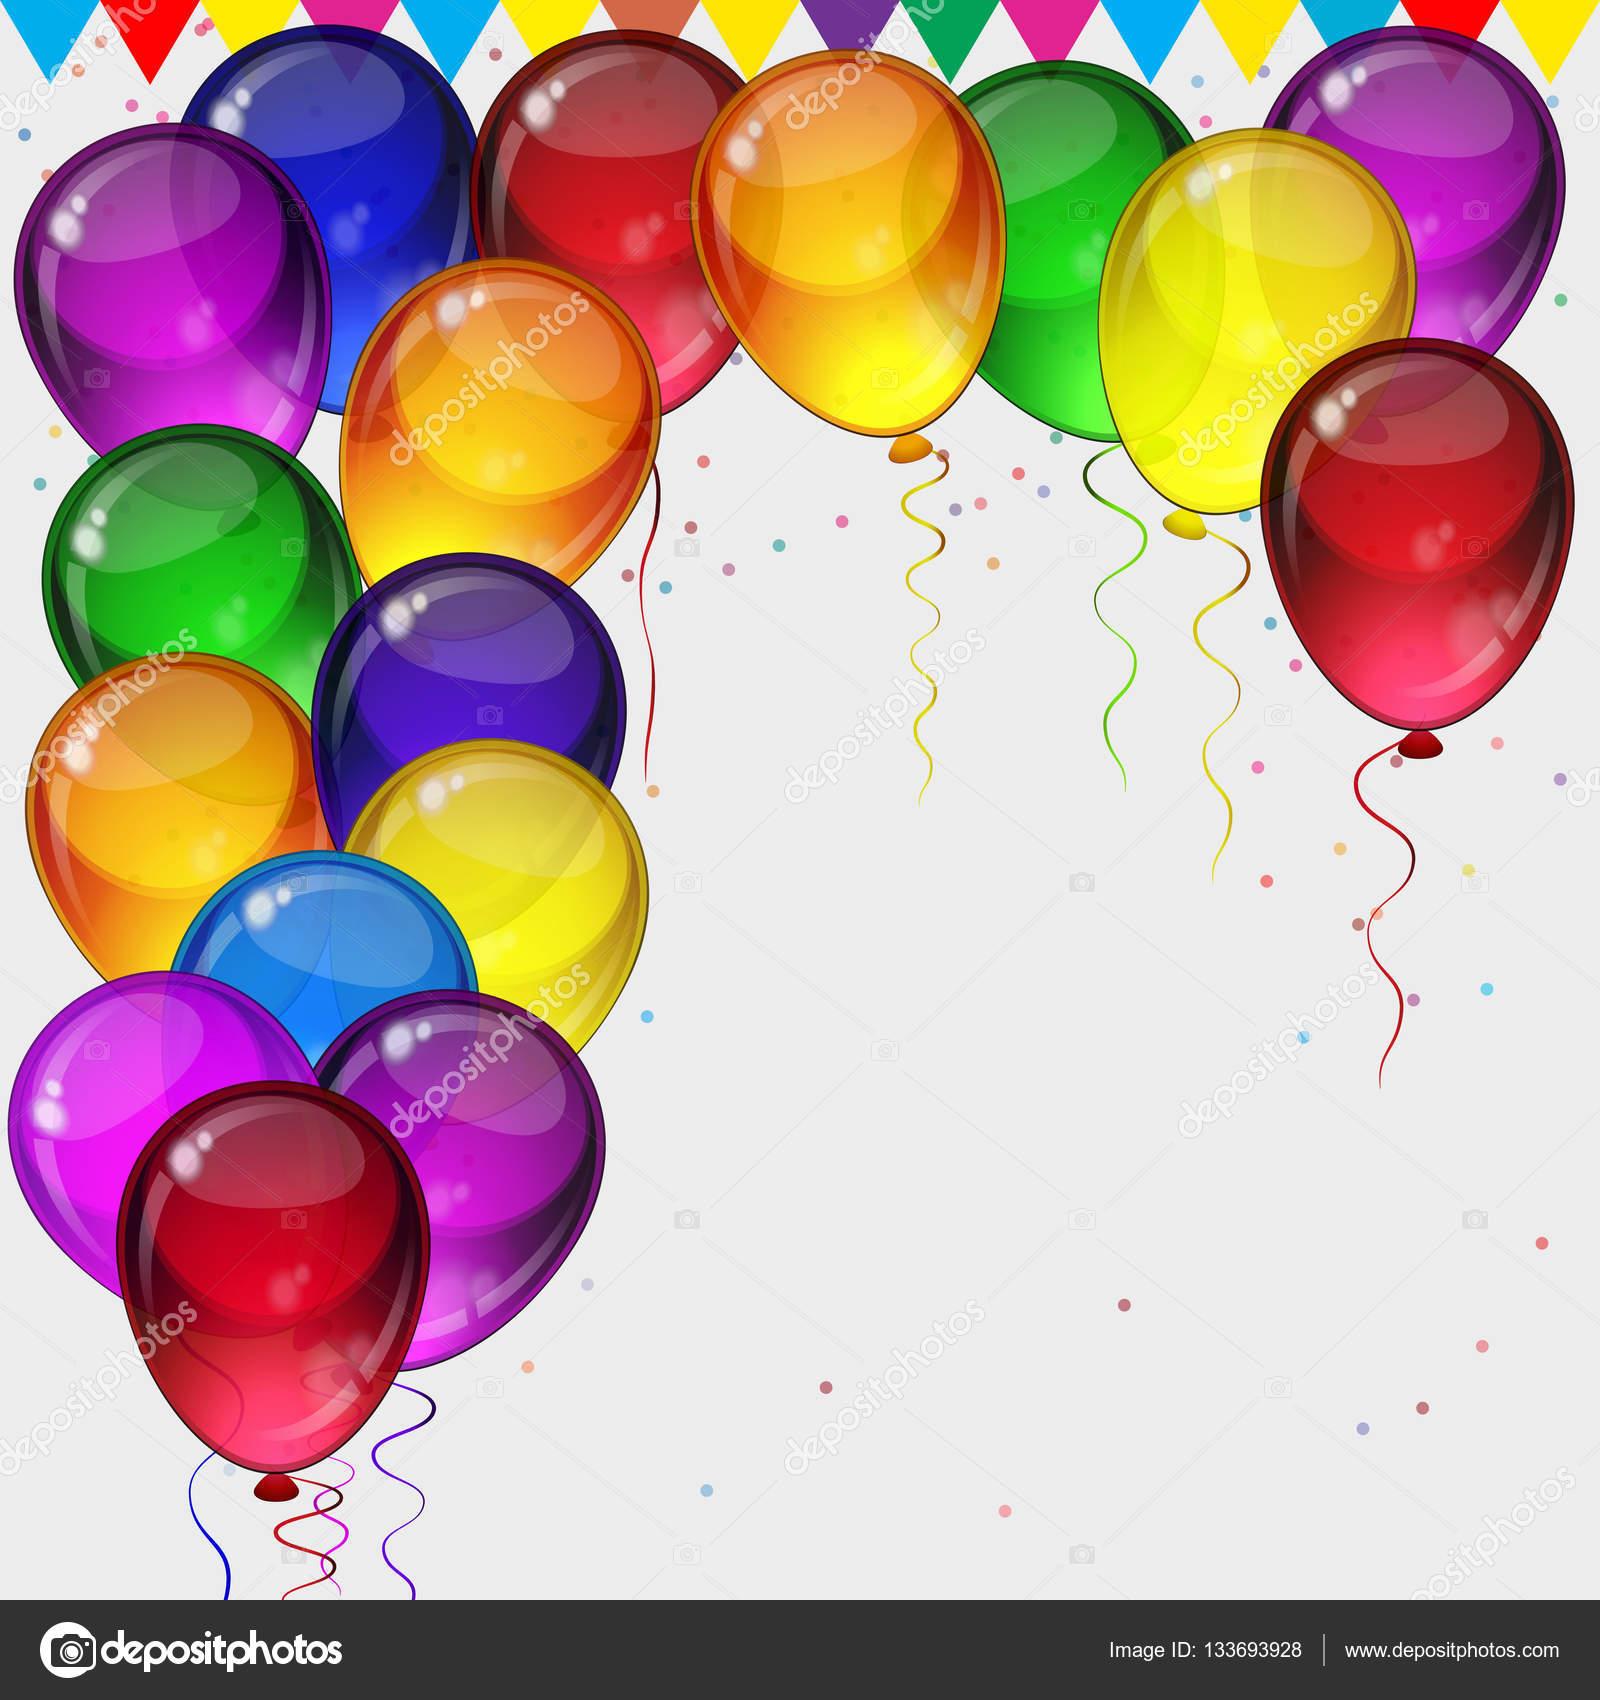 fondo de fiesta cumplea os globos fiestas coloridos